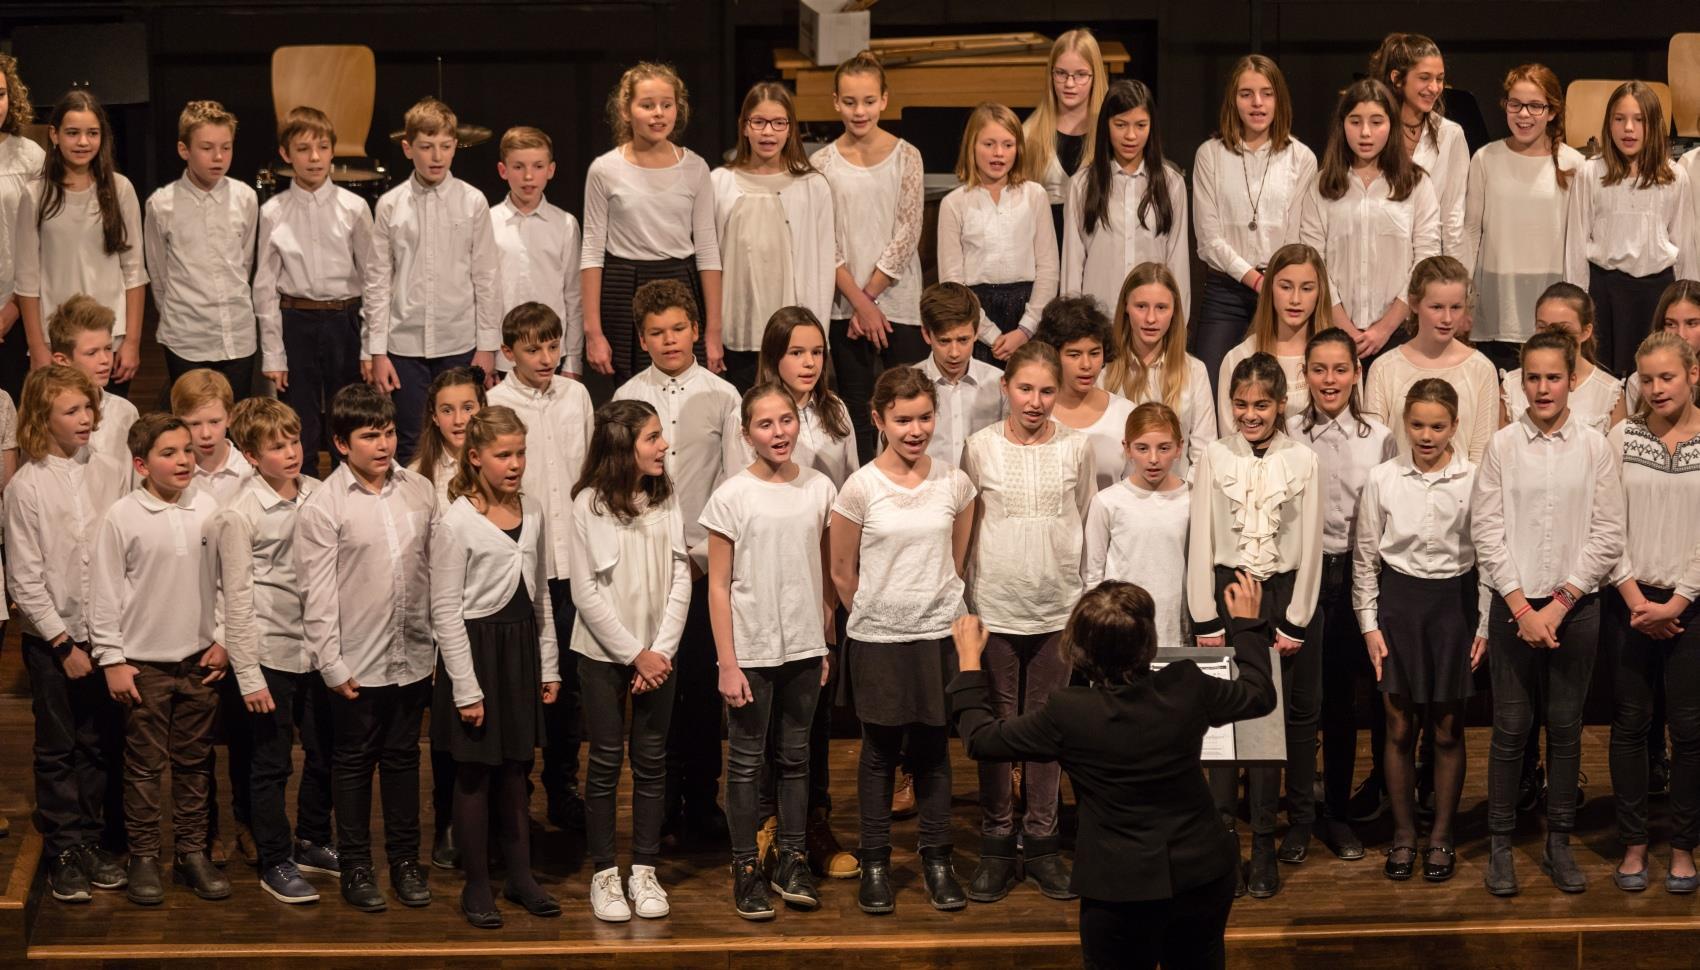 Der Chor der Klassen 6 und 7 unter der Leitung von Frau Mittenhuber